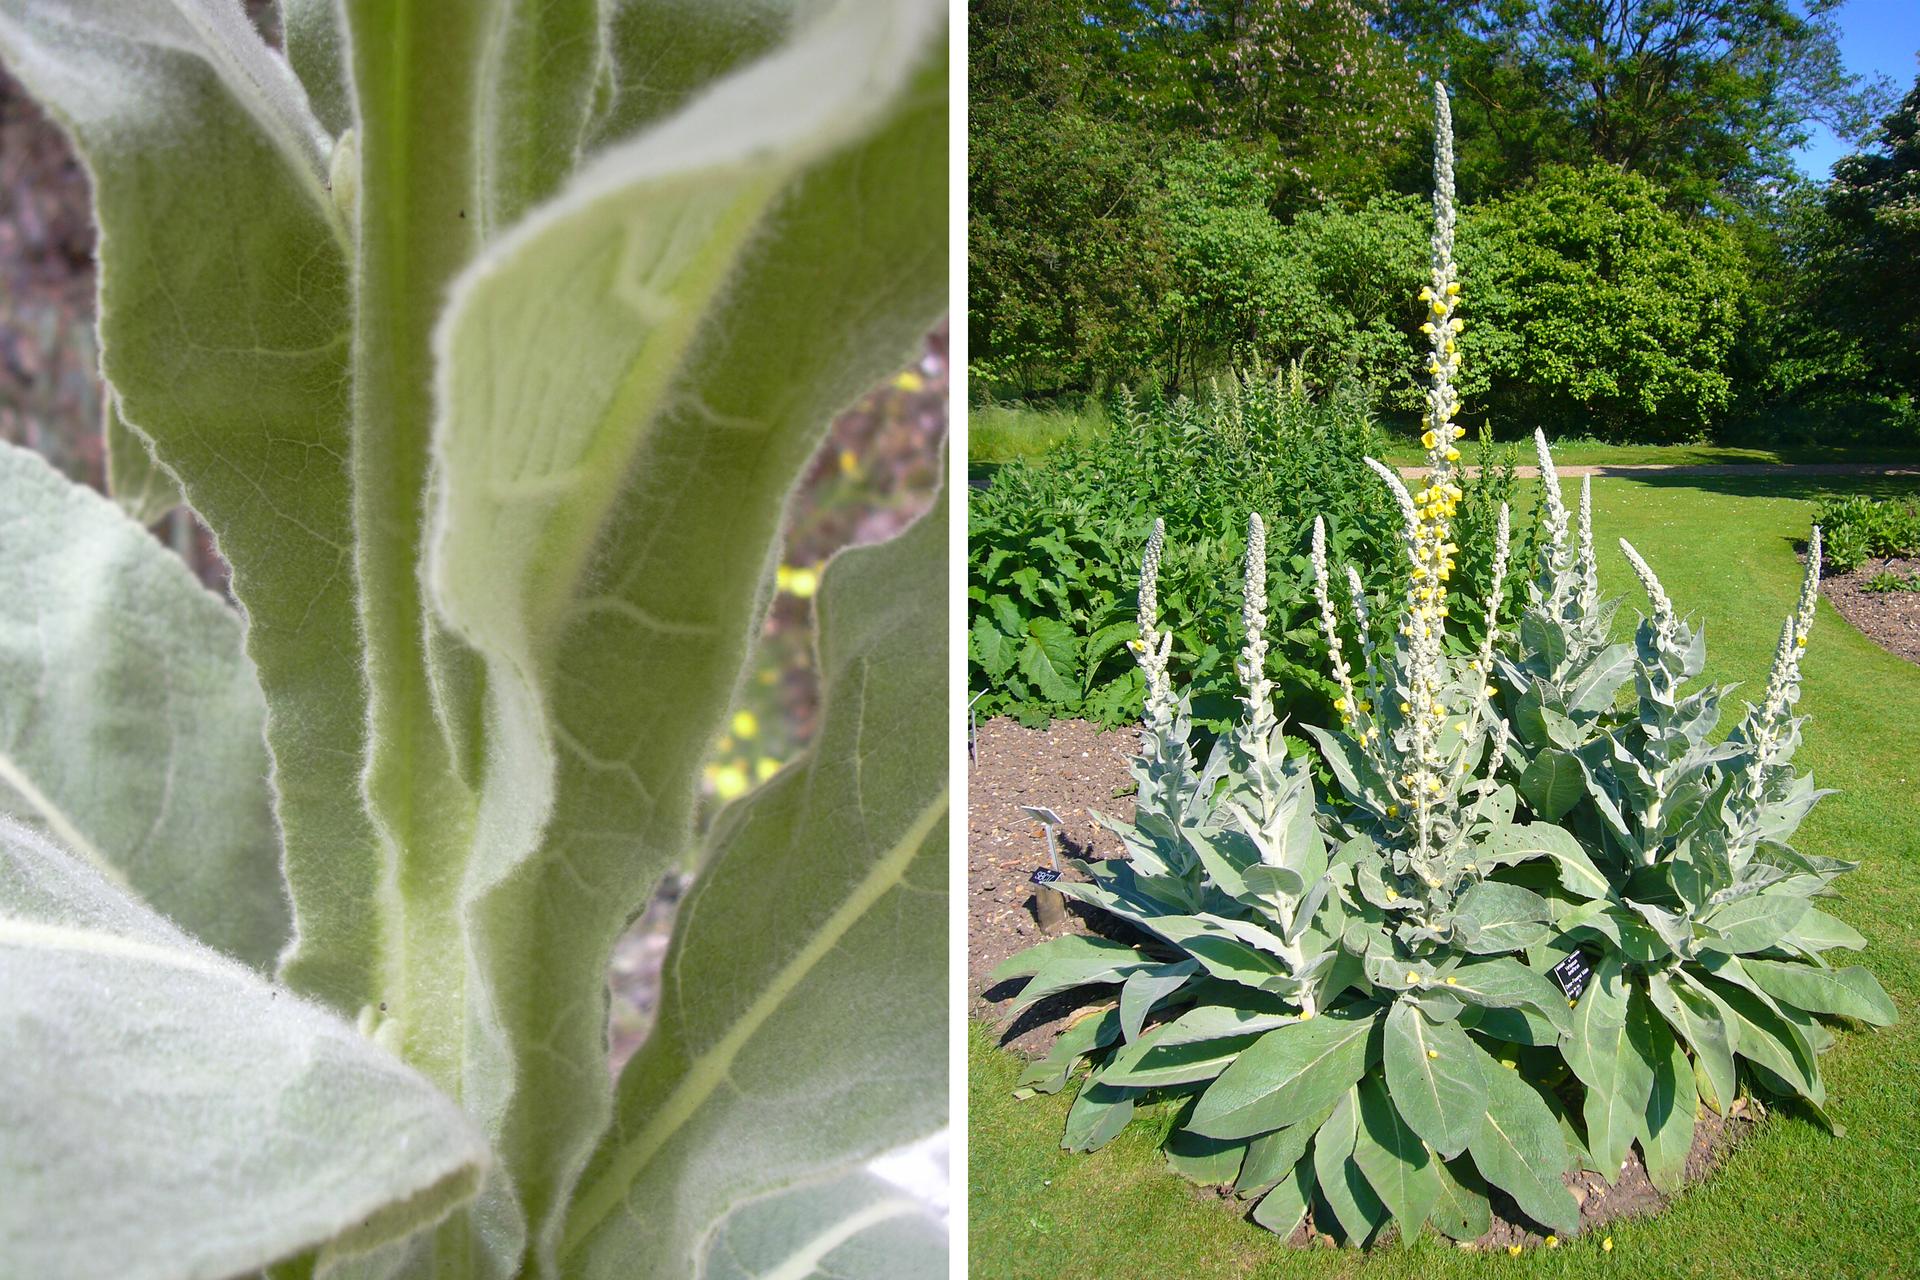 Ilustracja składa się zdwóch fotografii. Pierwsza zlewej przedstawia zbliżenie szaro zielonego liścia dziewanny. Fotografia po prawej przedstawia kilka dużych pędów dziewanny, rosnących wogrodzie wśród innych roślin. Dziewanna ma wzniesione kwiatostany zżółtymi kwiatami.